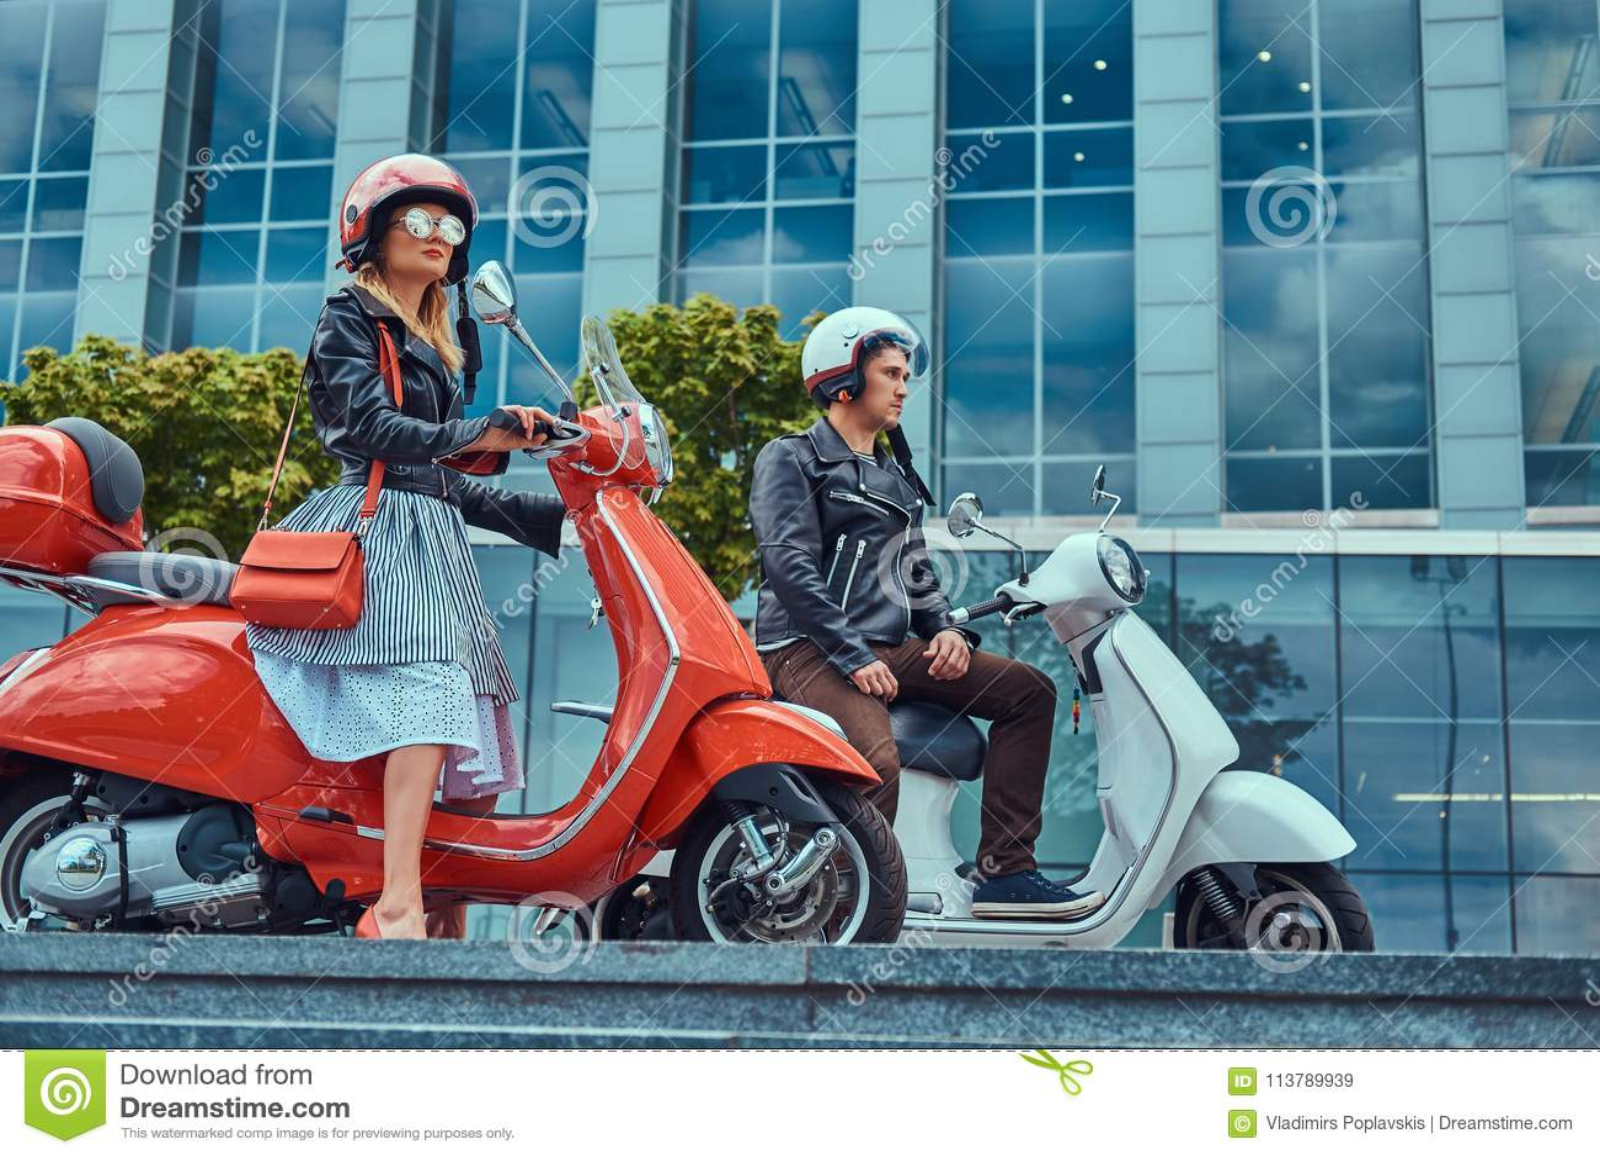 Coppie romantiche attraenti, un uomo bello e femmina sexy, sedentesi sui retro motorini italiani contro un grattacielo